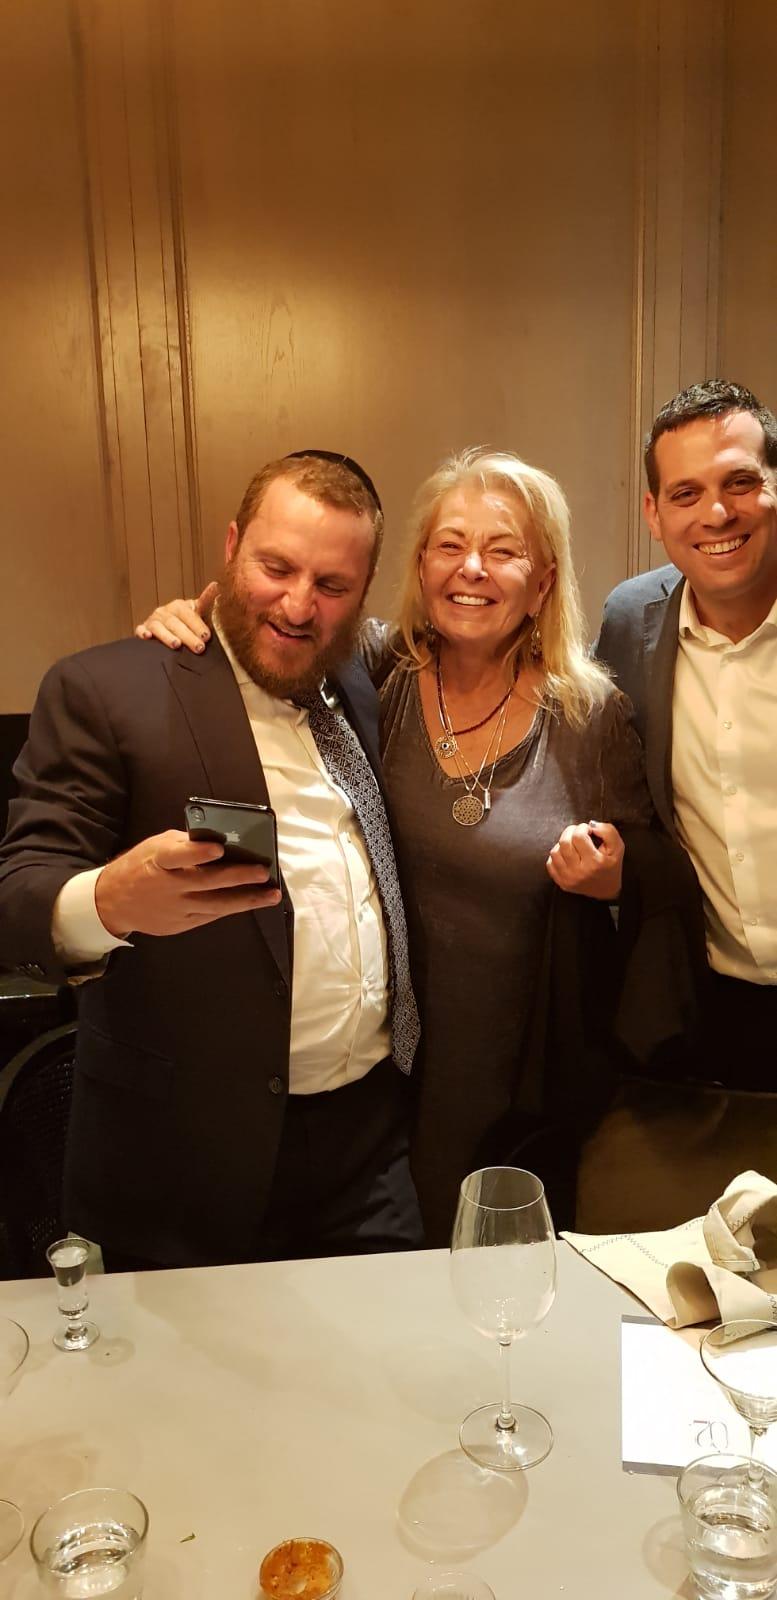 אסף כהן, רוזאן בר, הרב שמואל בוטח (צילום: פרטי)